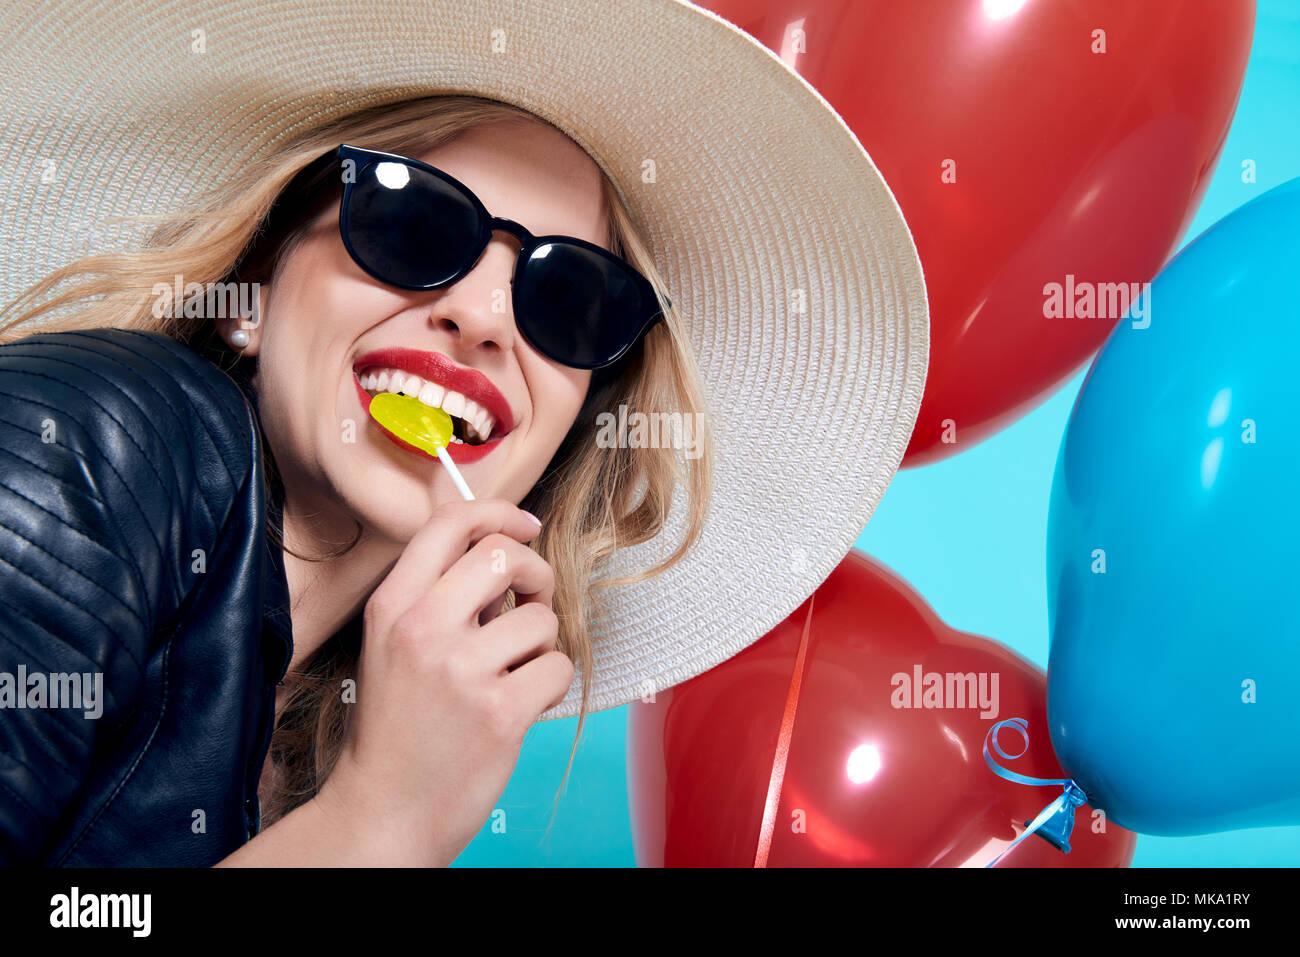 Hermosa chica de balancín en la chaqueta de cuero y gafas de sol con forma de corazón y globos en forma de corazón lolipop. Atractiva mujer joven portra cool de moda Imagen De Stock